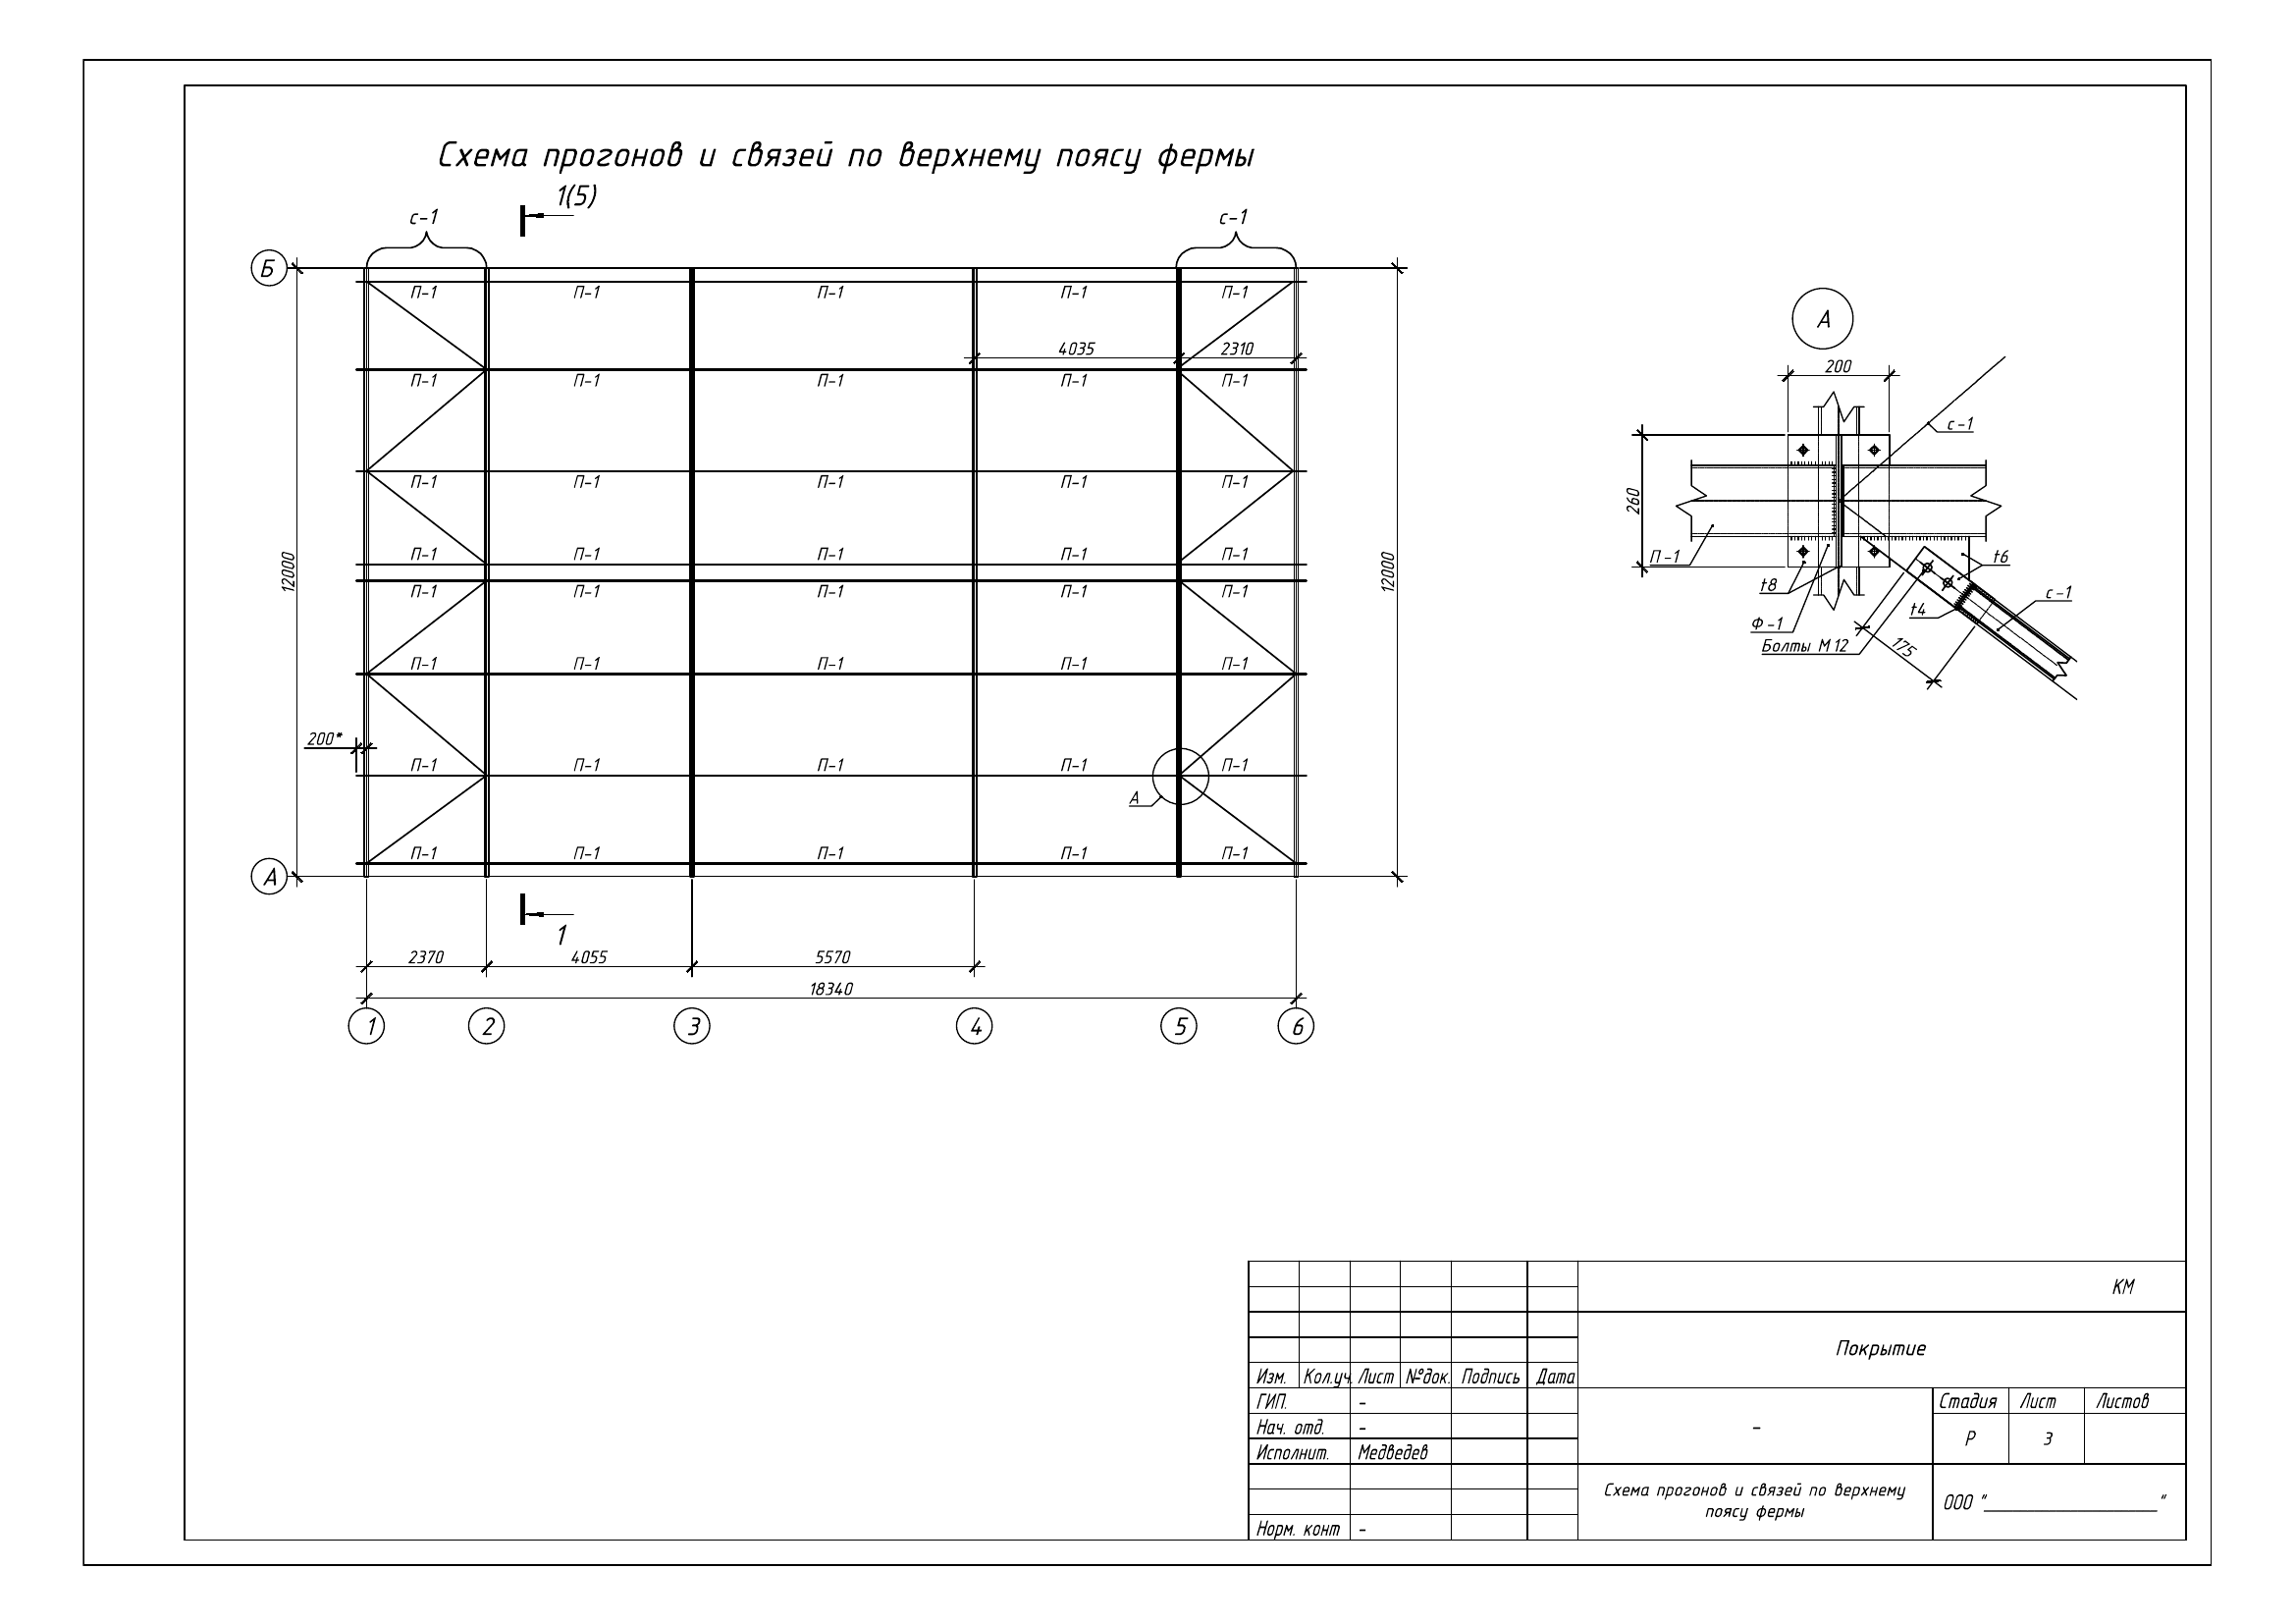 Схема конструкций покрытия